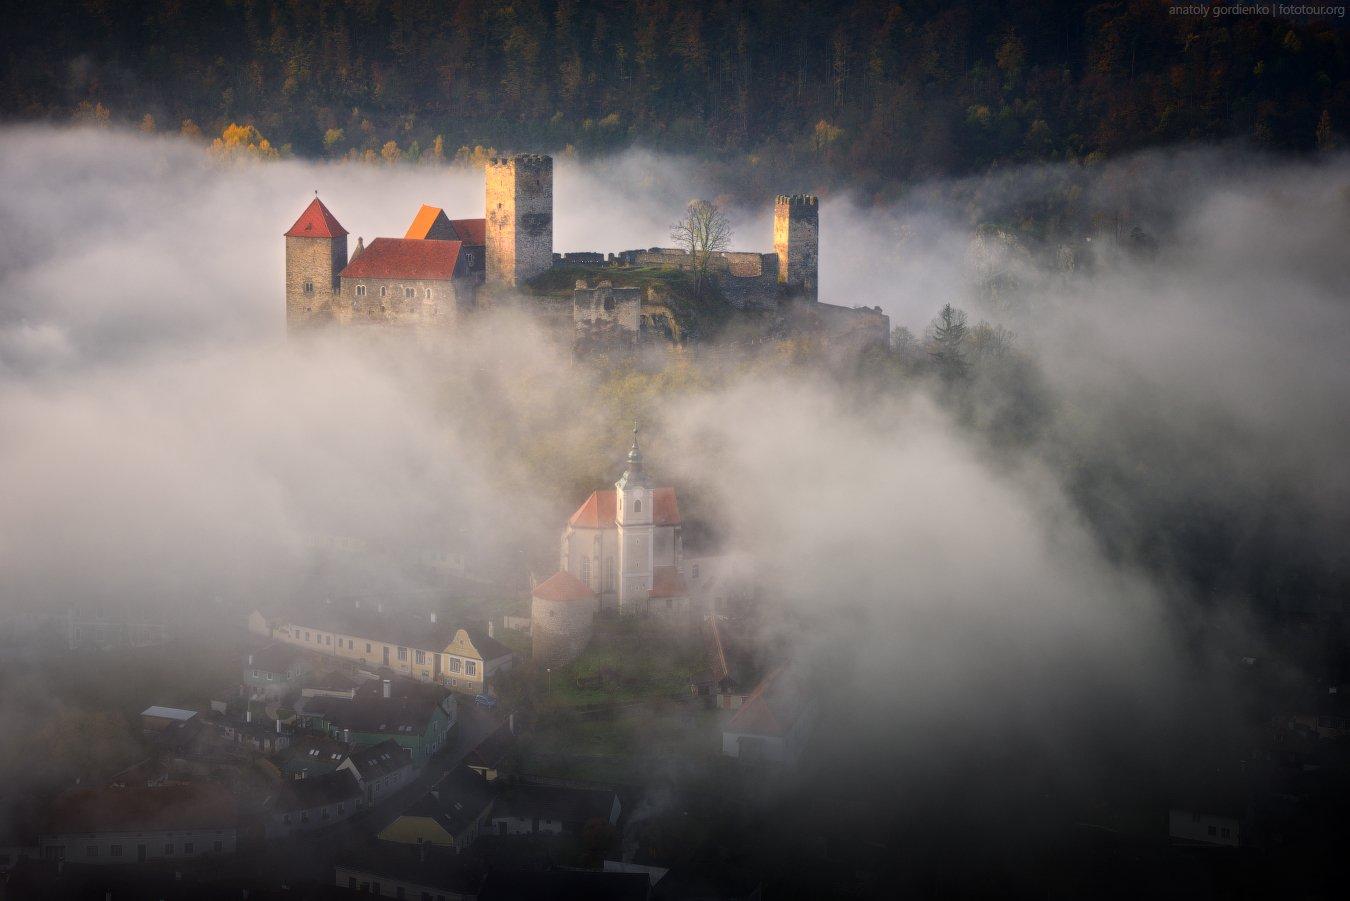 замок, австрия, hardegg, Анатолий Гордиенко www.fototour.org